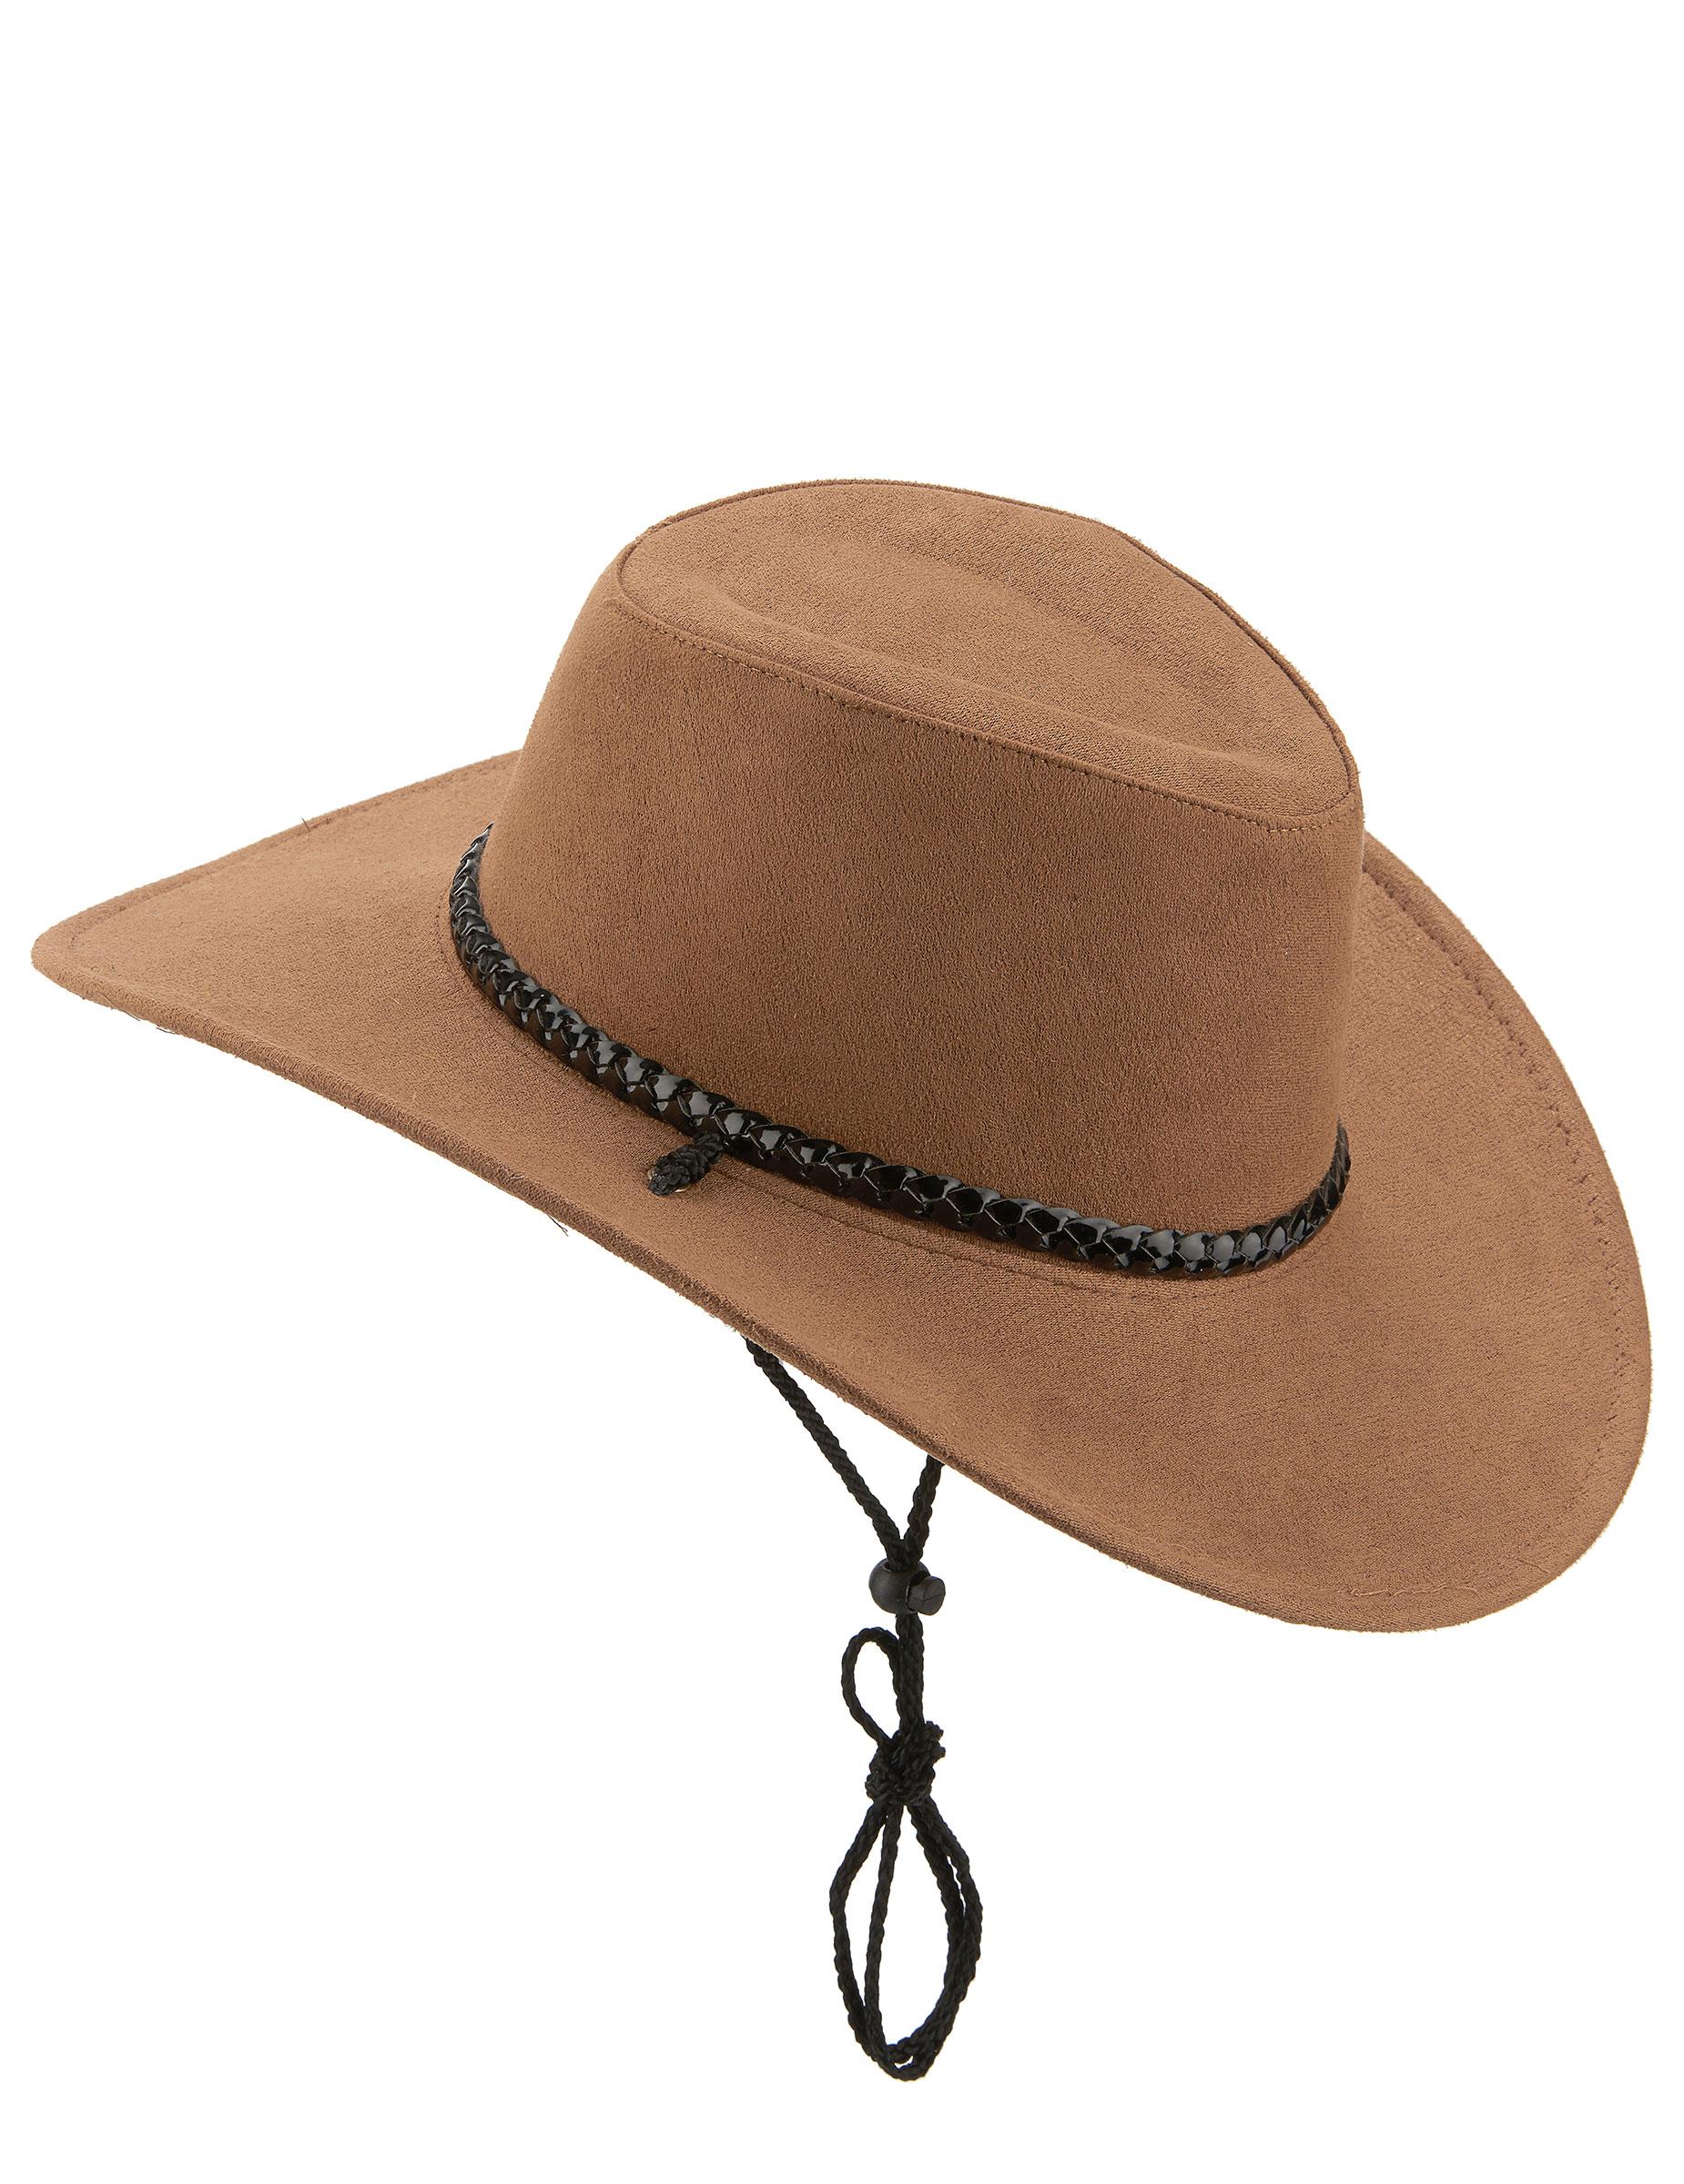 Sombrero vaquero marrón adulto  Sombreros 6b7e861d91e